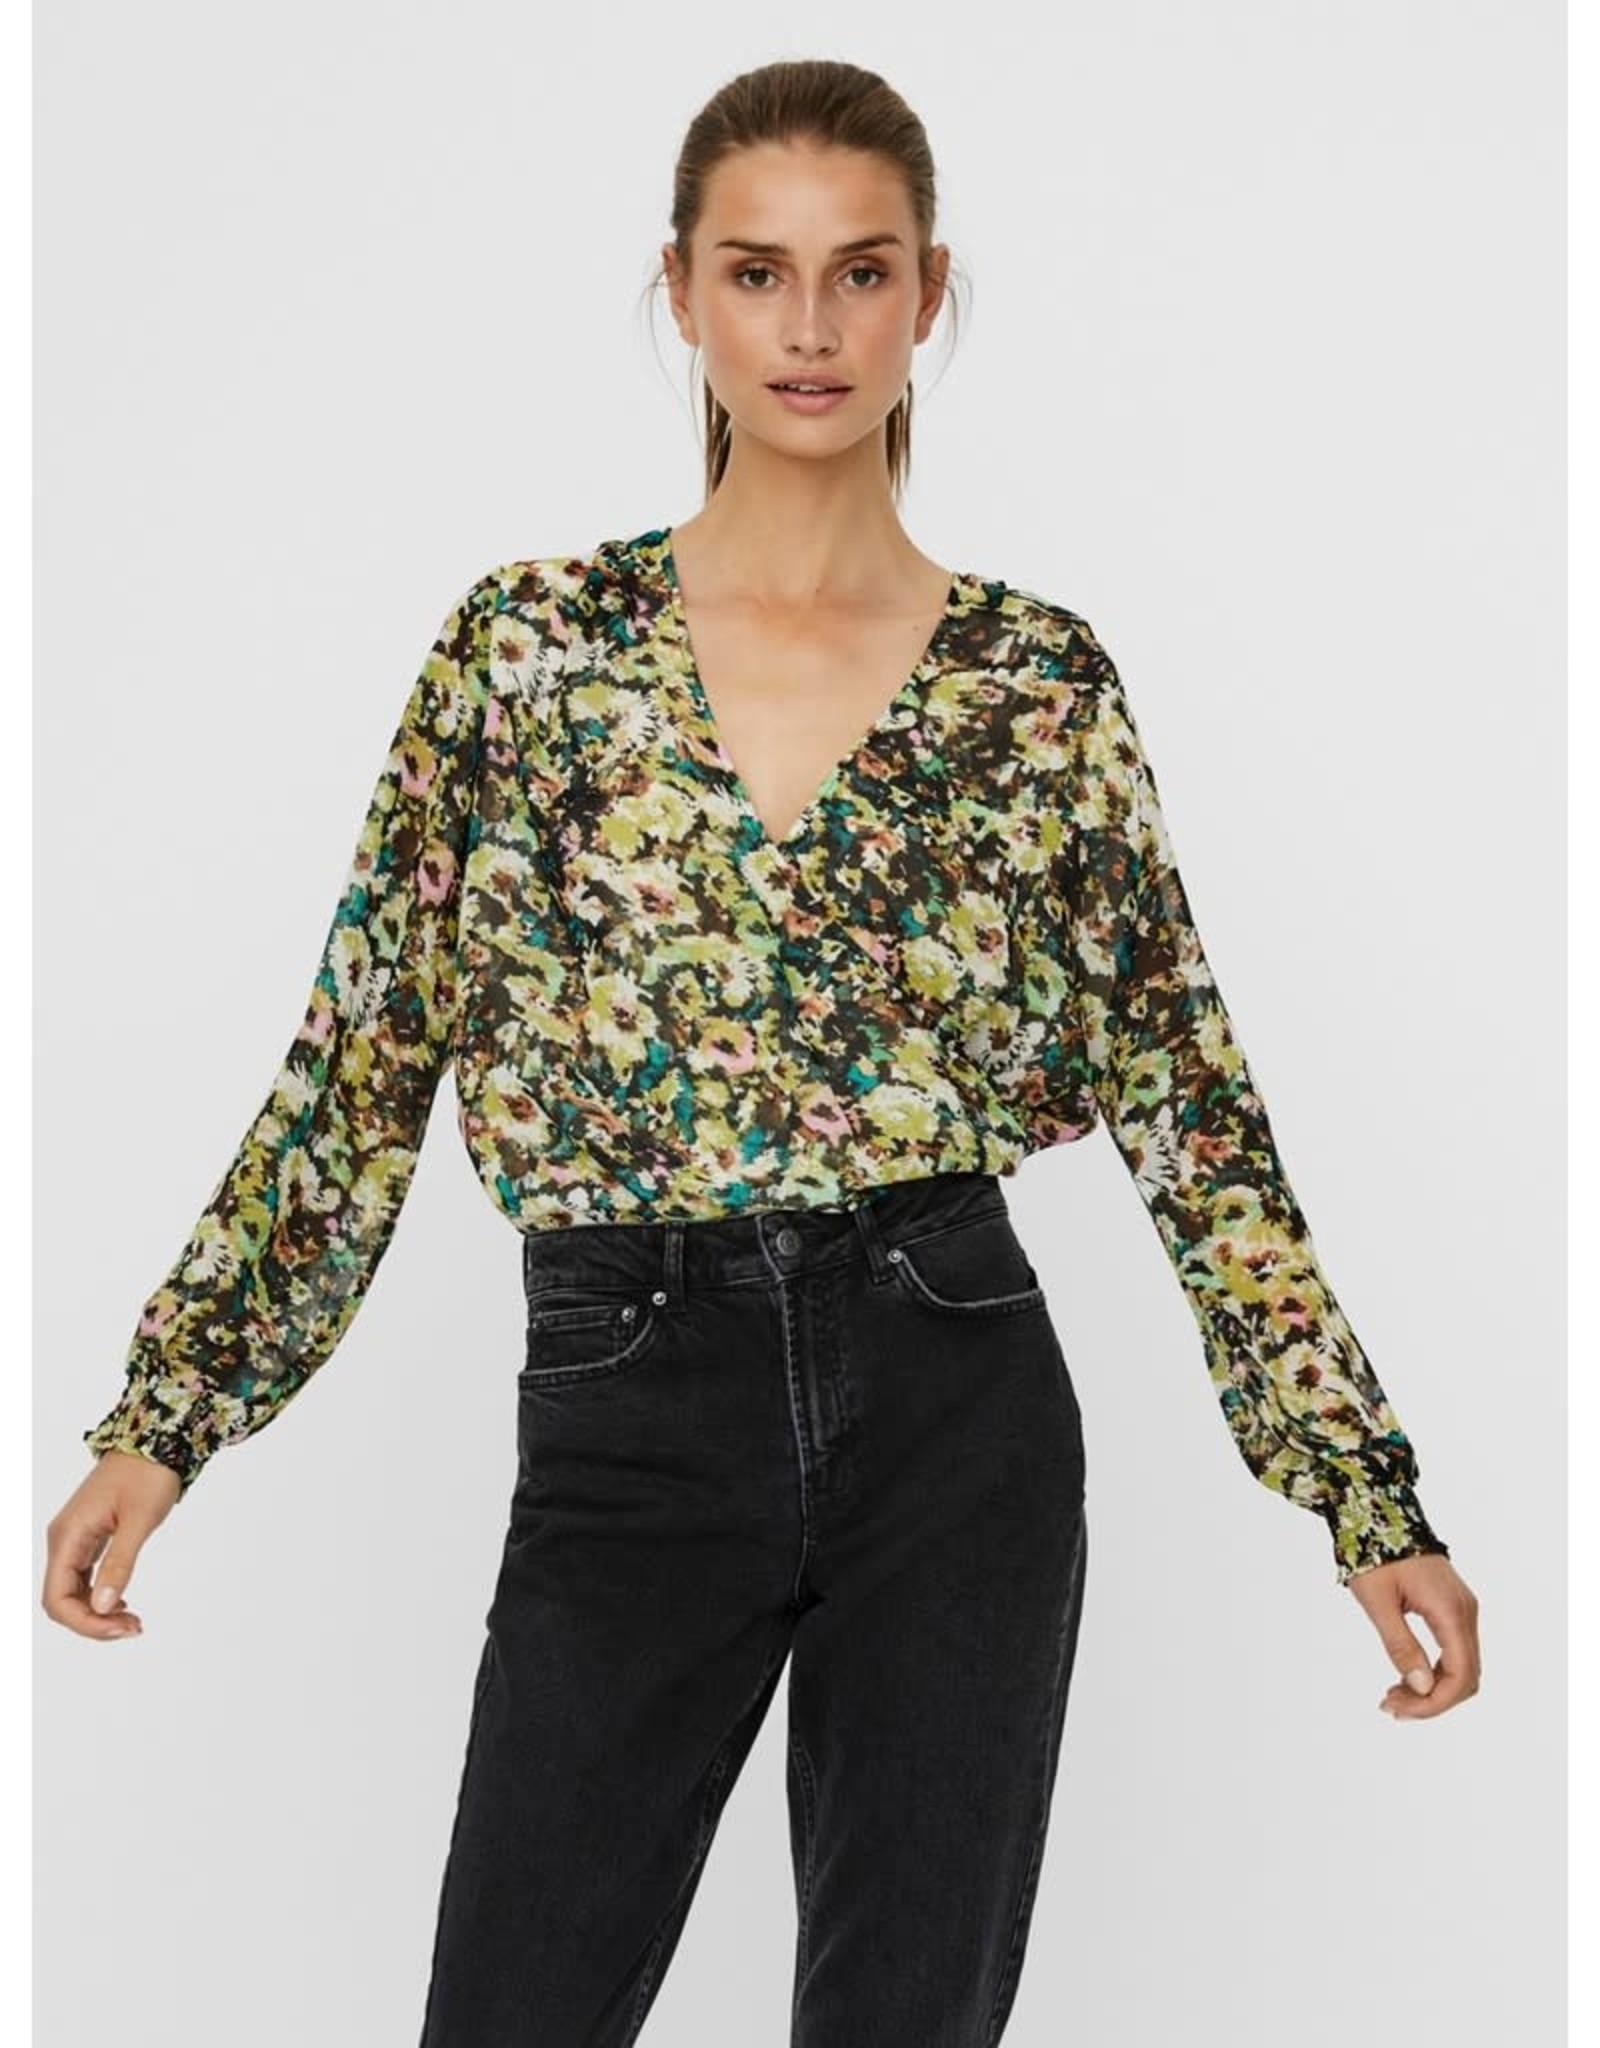 Vero Moda Nilla Floral Wrap Blouse